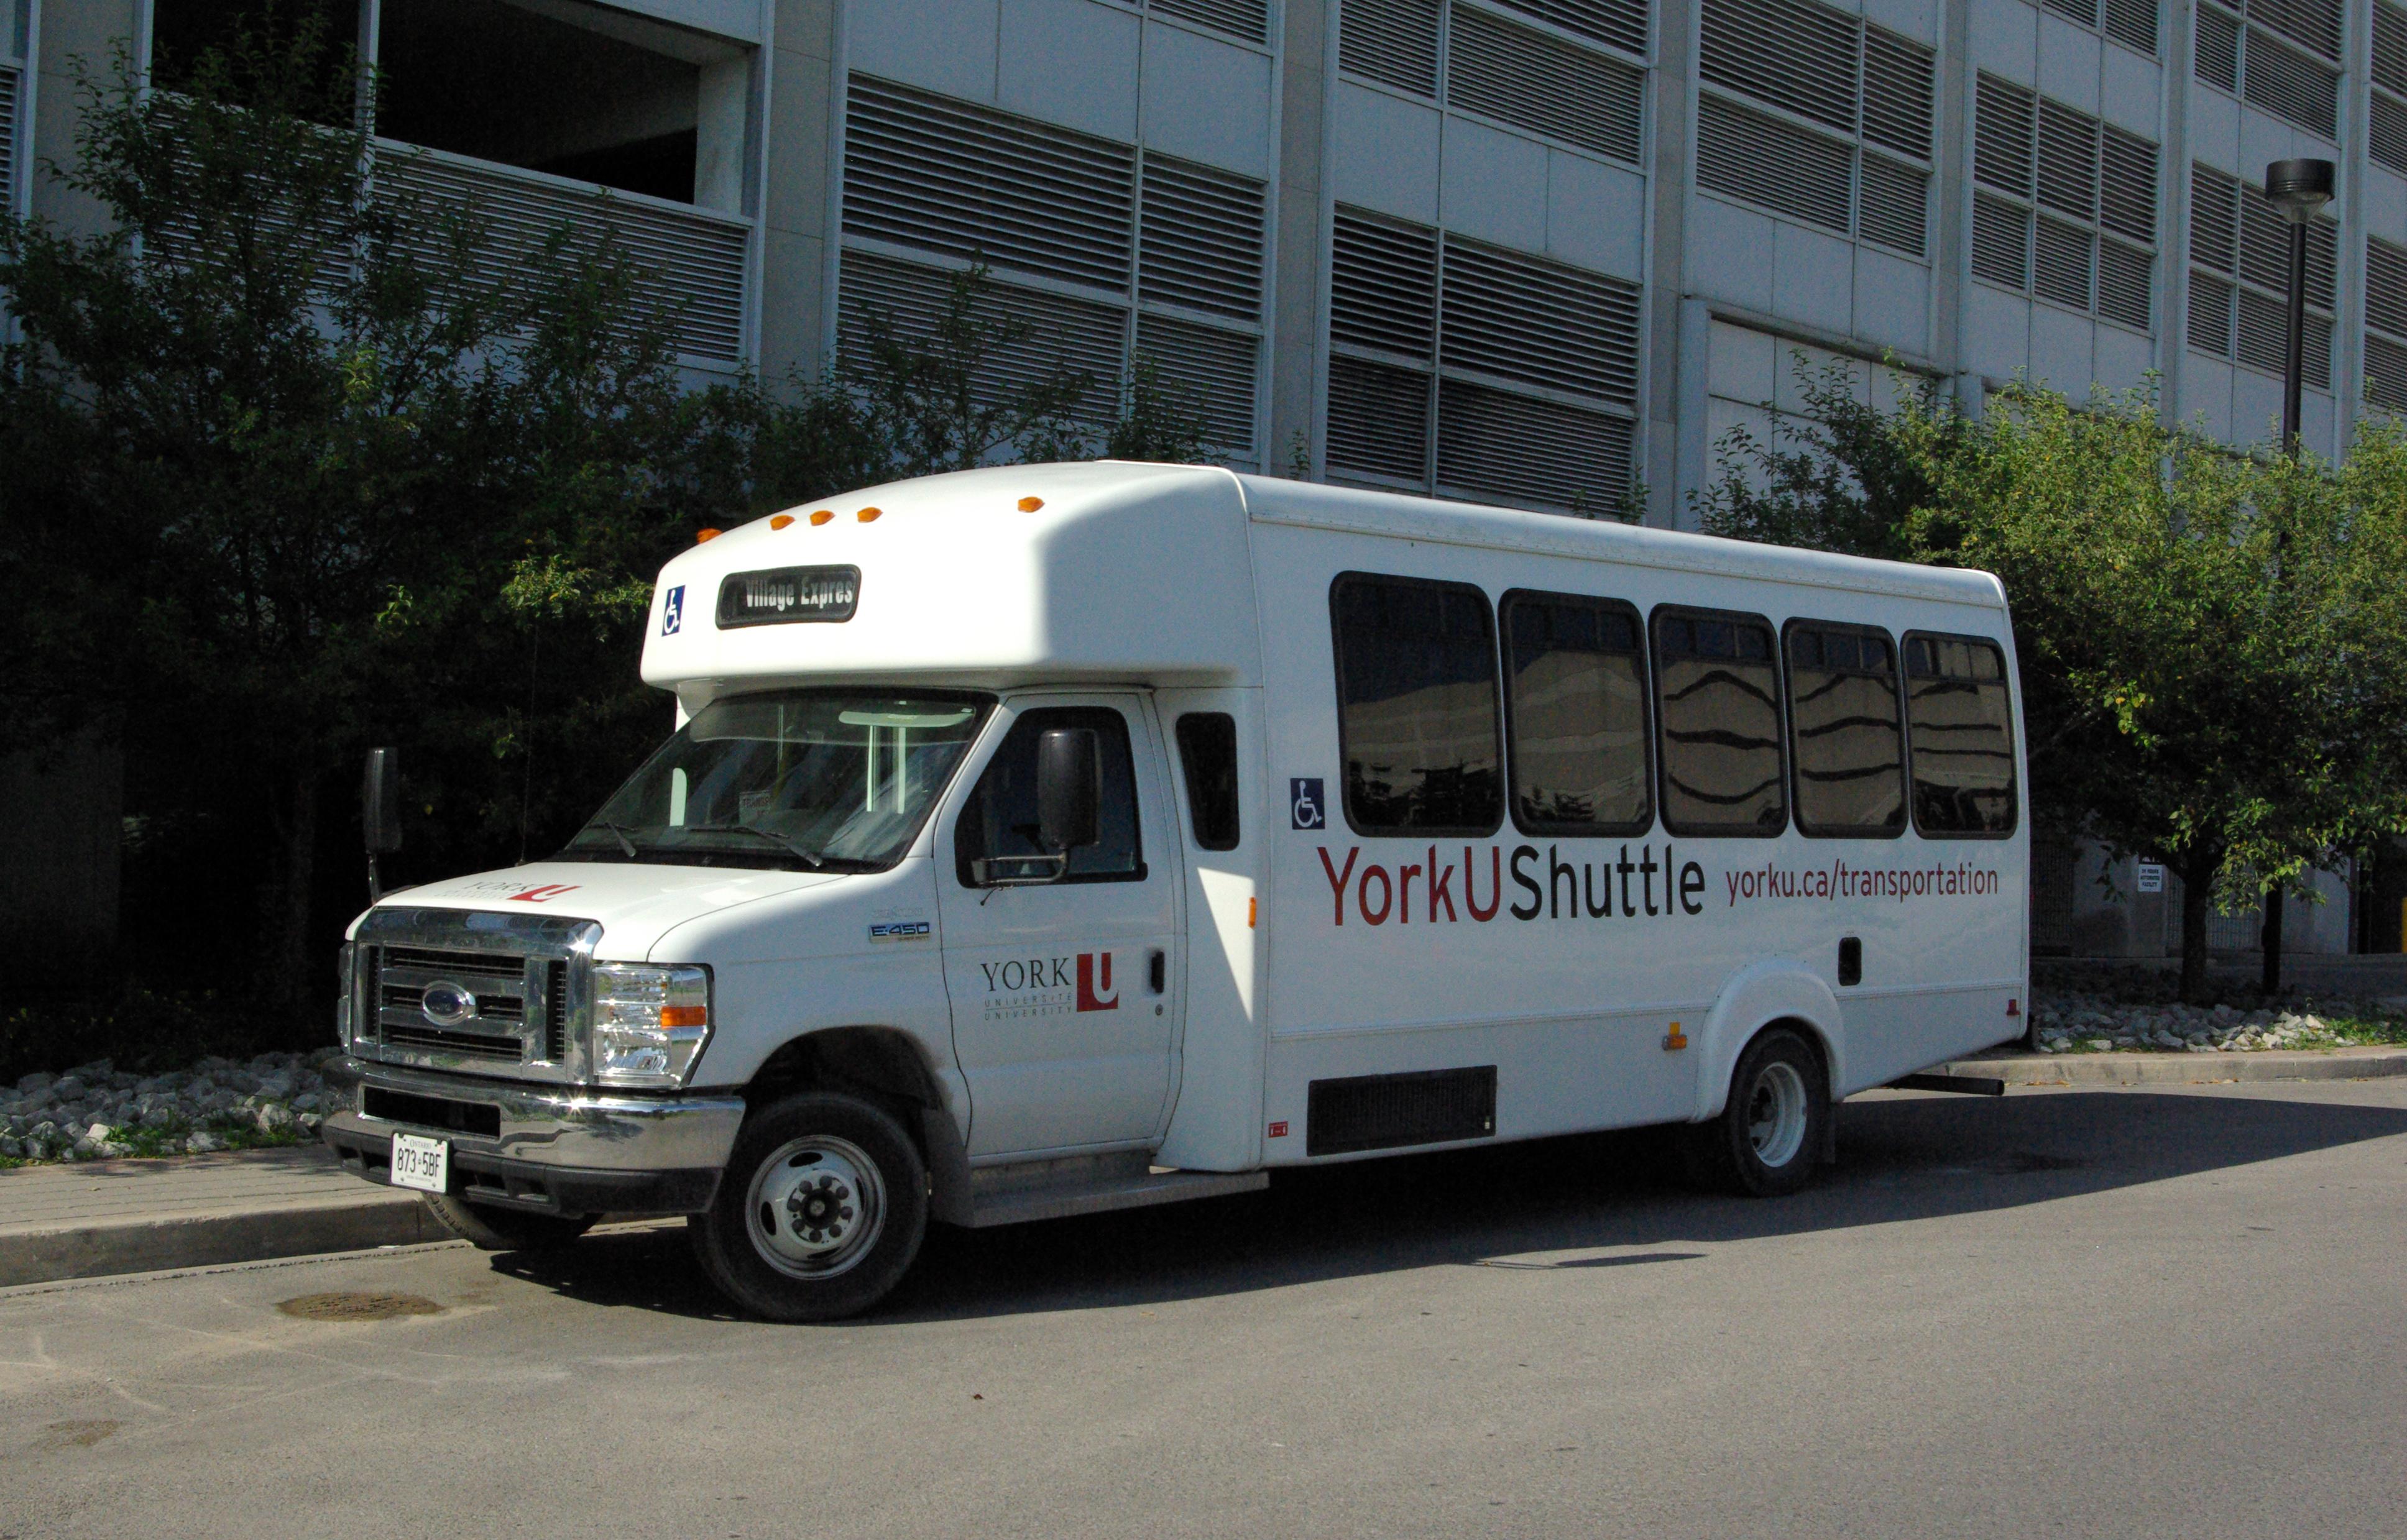 York University exam shuttle